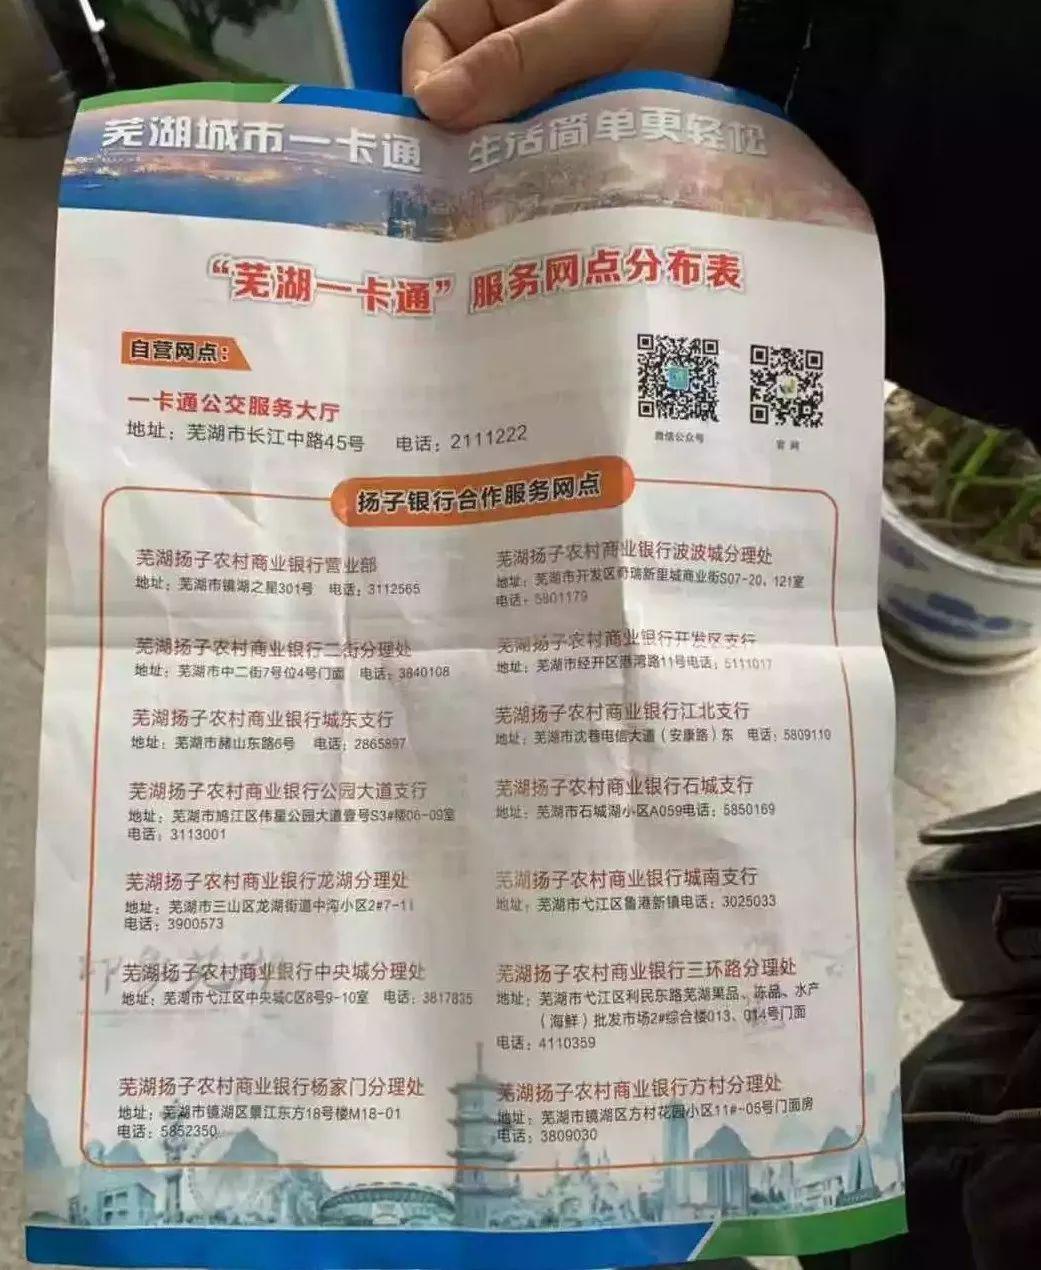 宁波公交卡挂失_电子公交卡上线啦!下个月起,芜湖人可用支付宝坐公交!